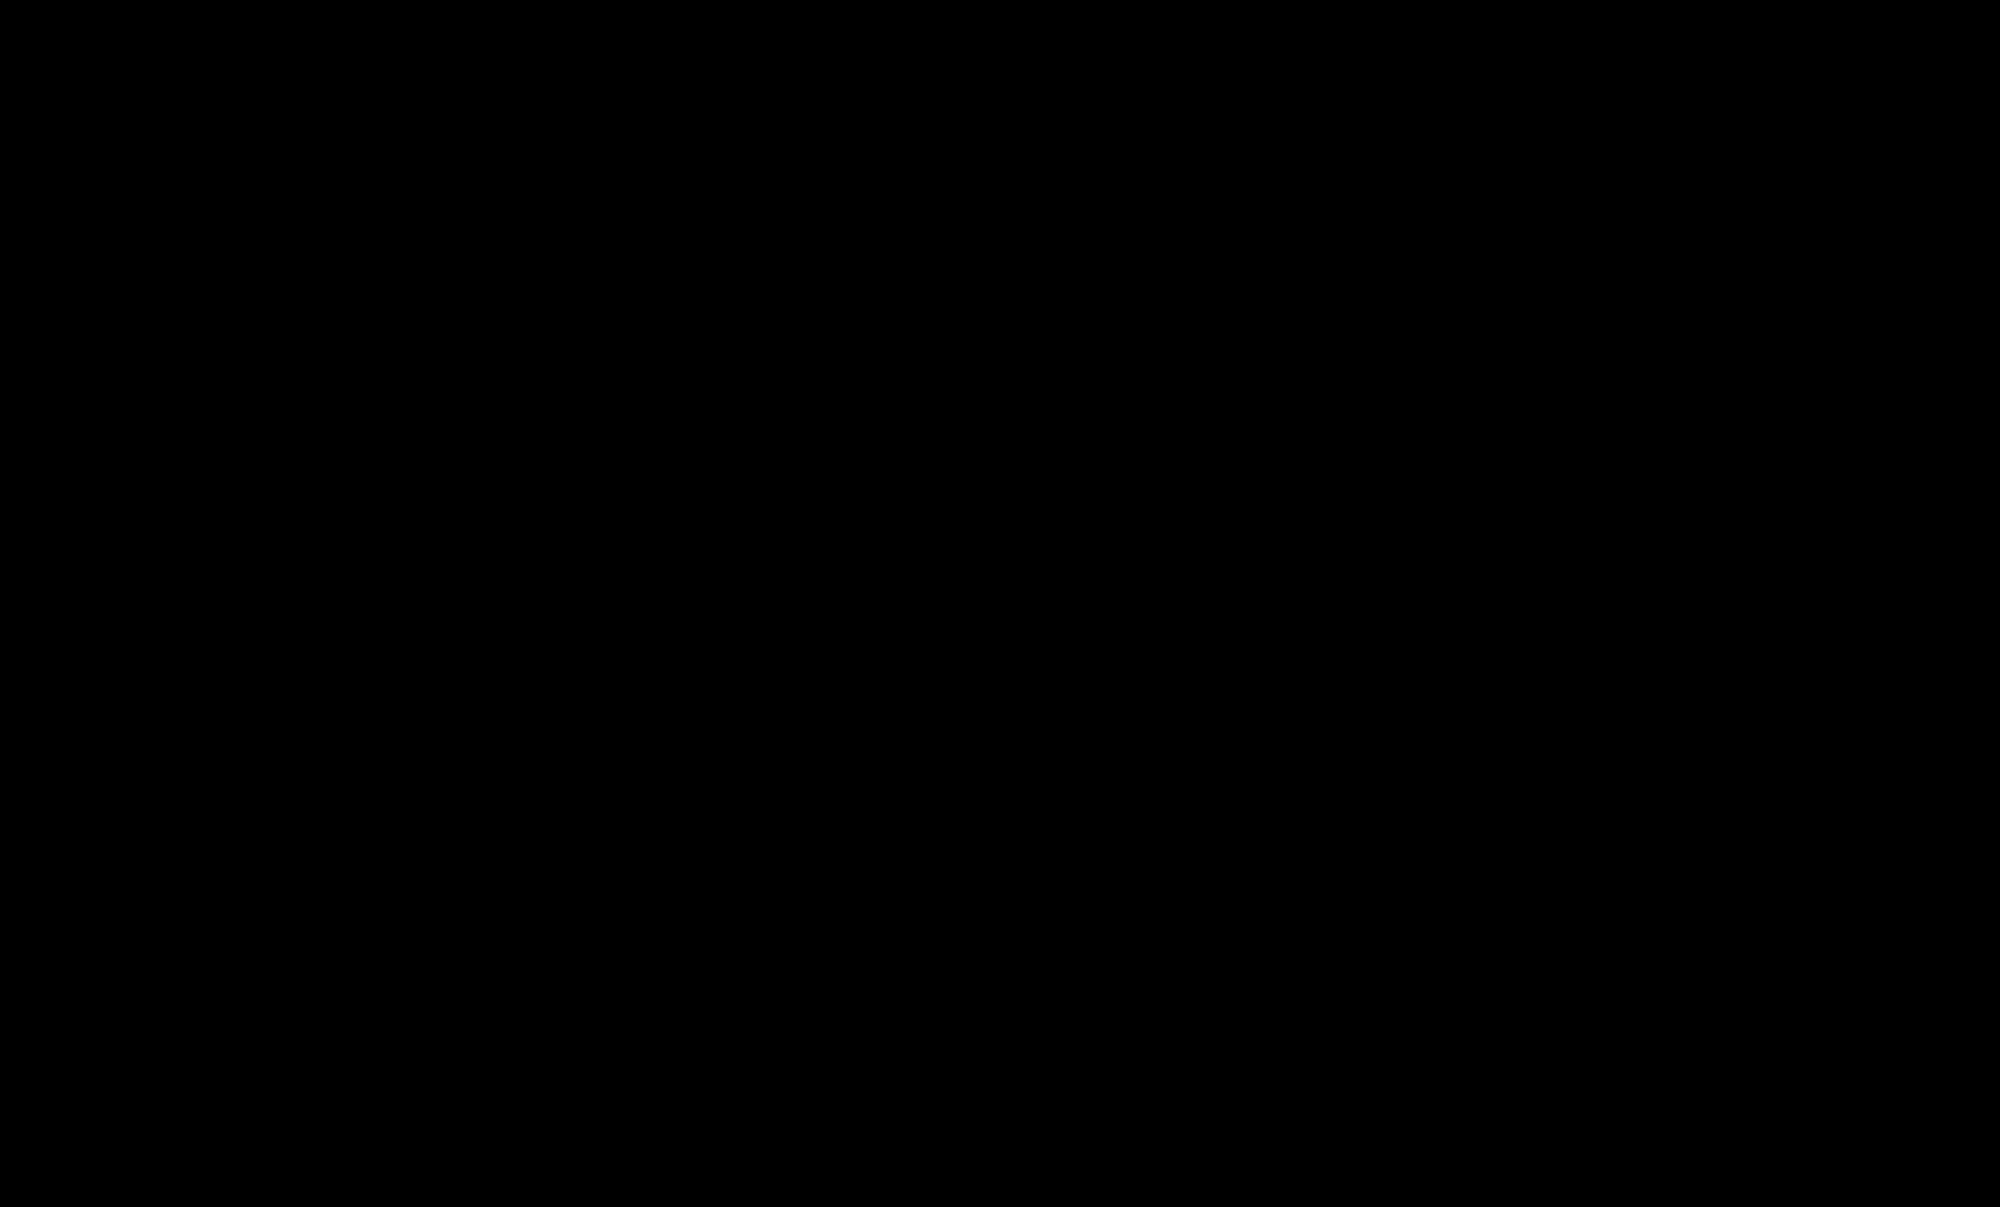 湖南省副省长隋忠诚在张家界市委书记刘革安等领导陪同下来茅岩莓公司调研